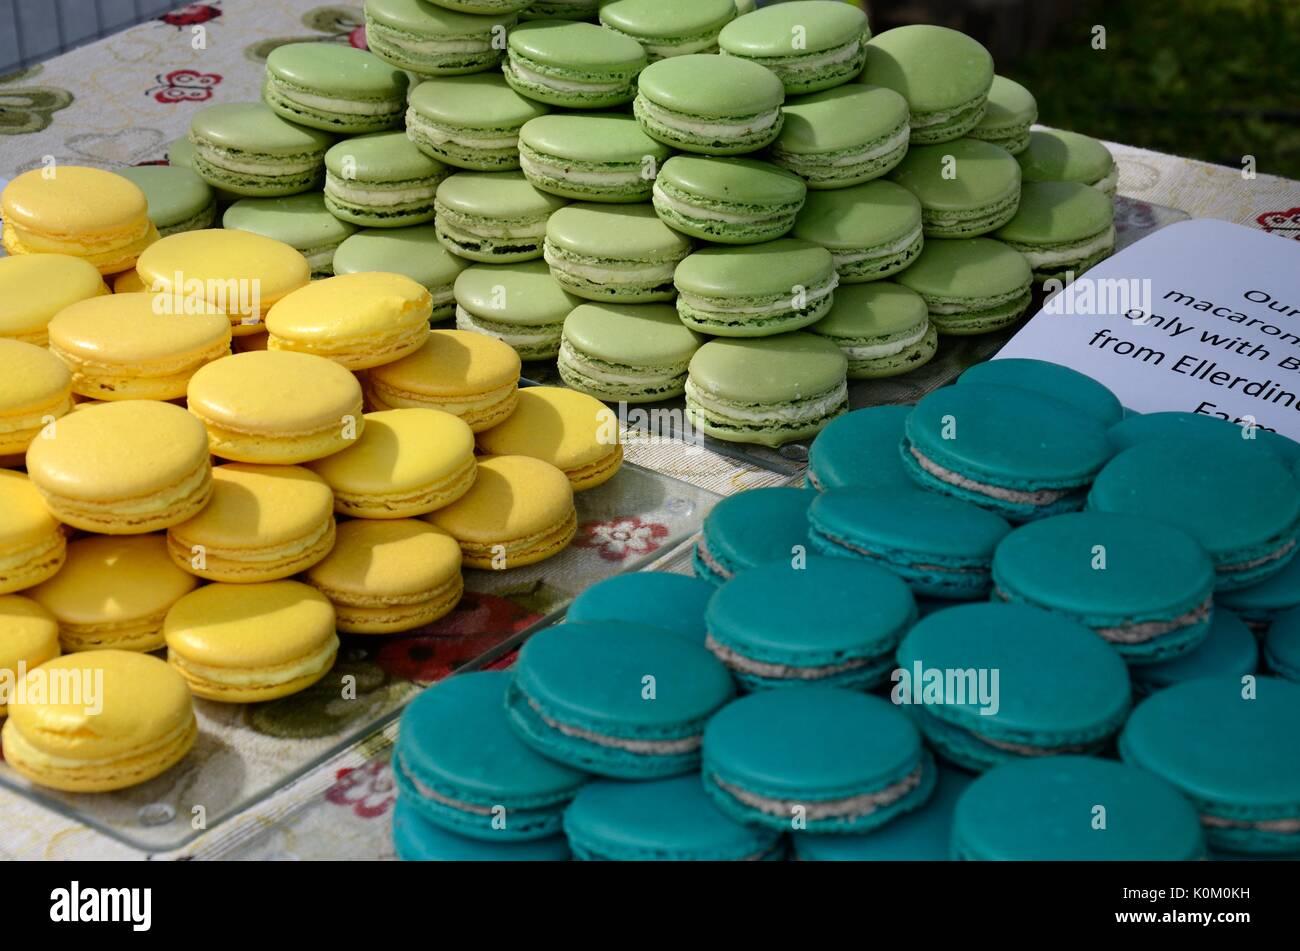 Cake Pops Selling Festival